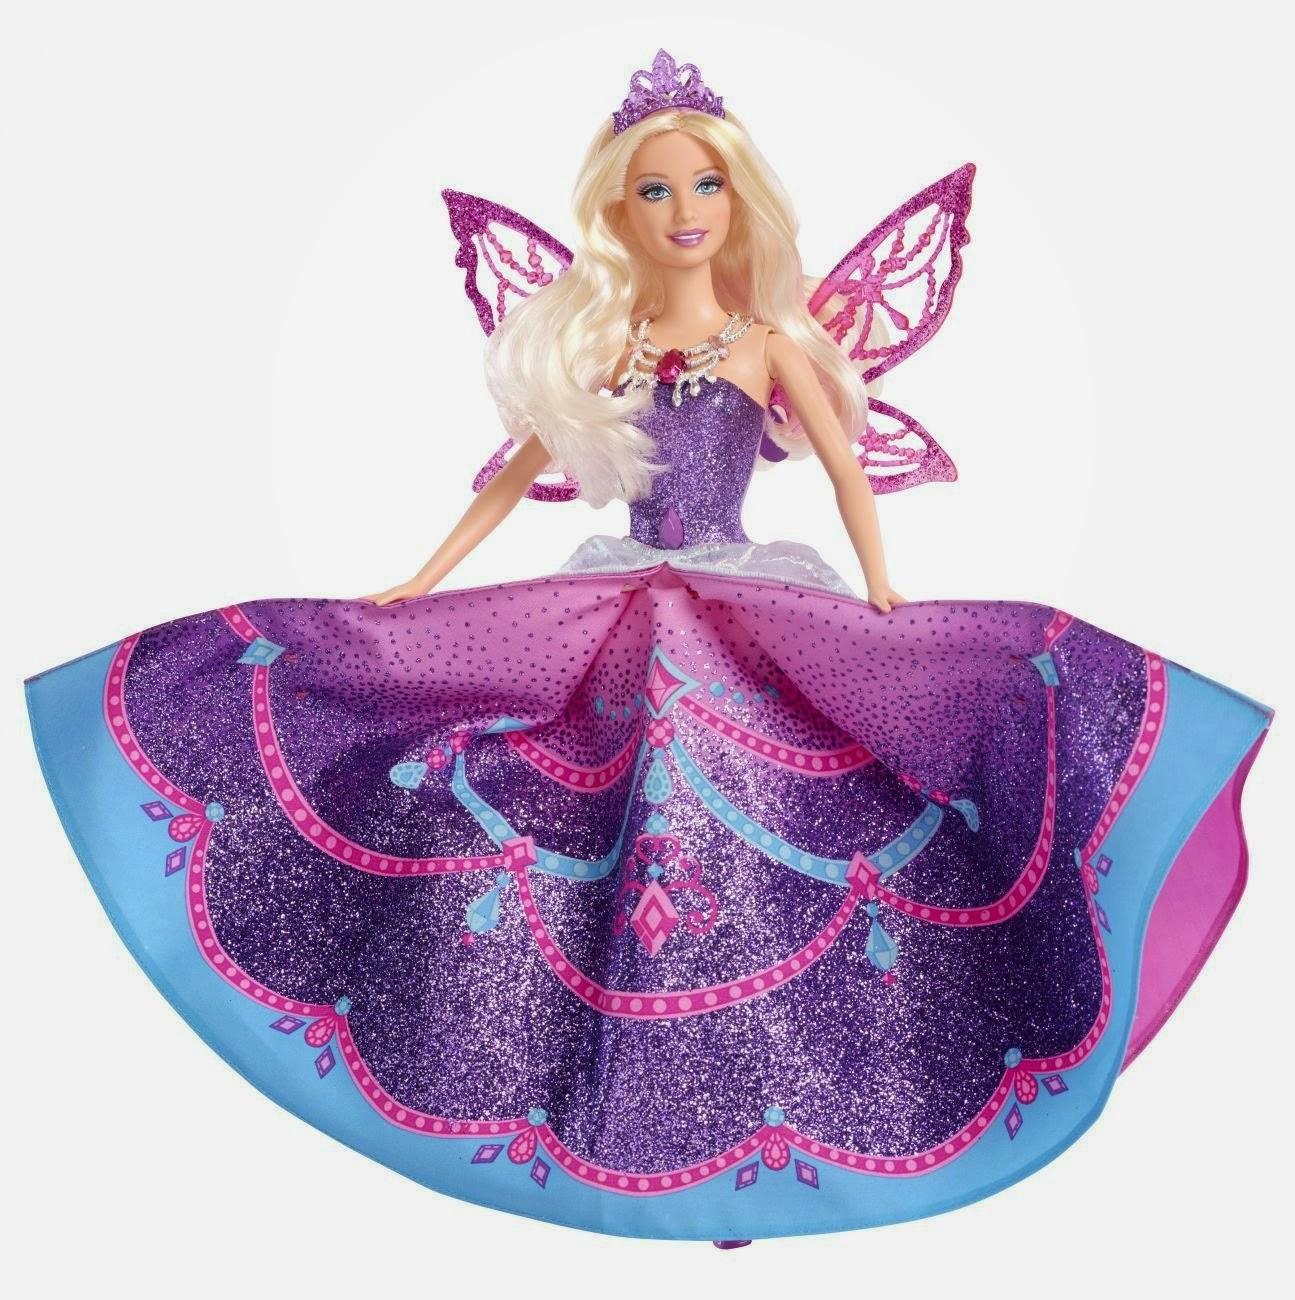 Kumpulan Gambar Boneka Barbie Cantik Dan Lucu Terbaru Untuk Anak